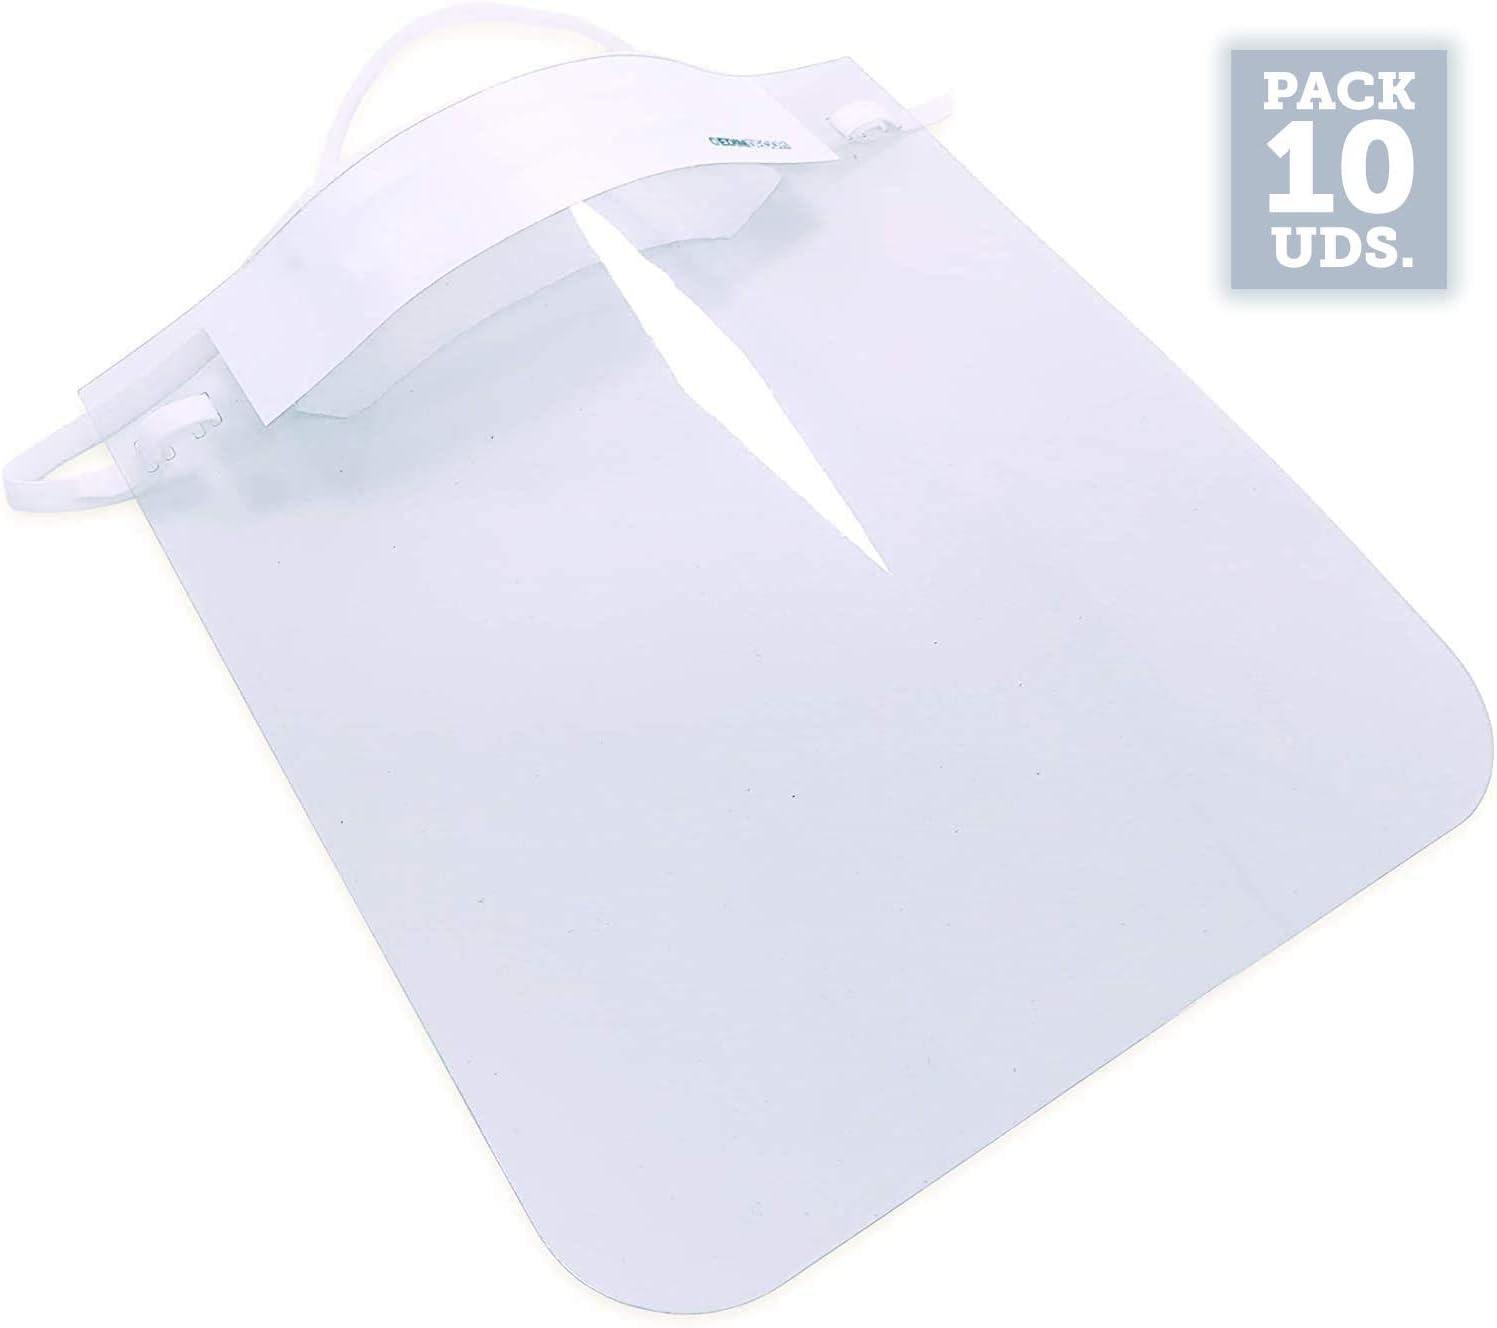 Pack de 10 Uds.| Producto actualizado y Mejorado a 20/04/2020|Pantalla de protección Facial Transparente|Visera protección máscara Facial | Medida 23 x 26 cm | Protección antisalpicaduras